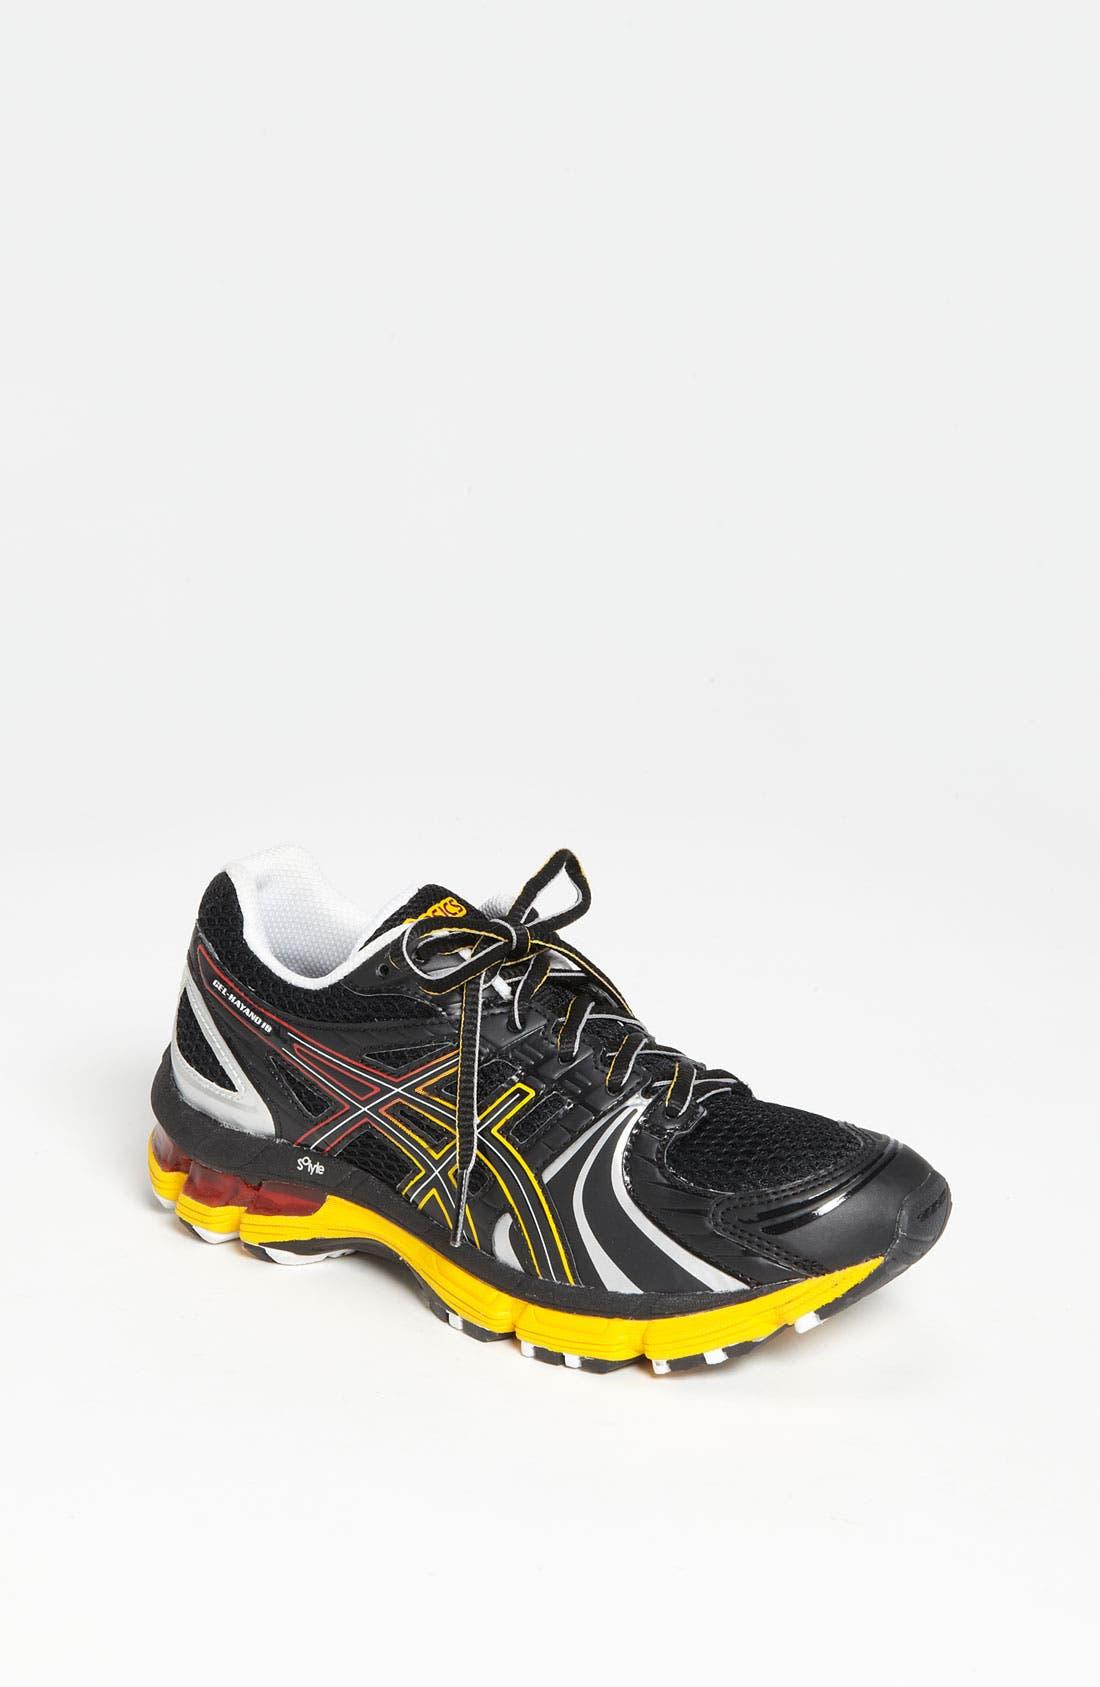 Alternate Image 1 Selected - ASICS® 'GEL-Kayano 18' Training Shoe (Big Kid)